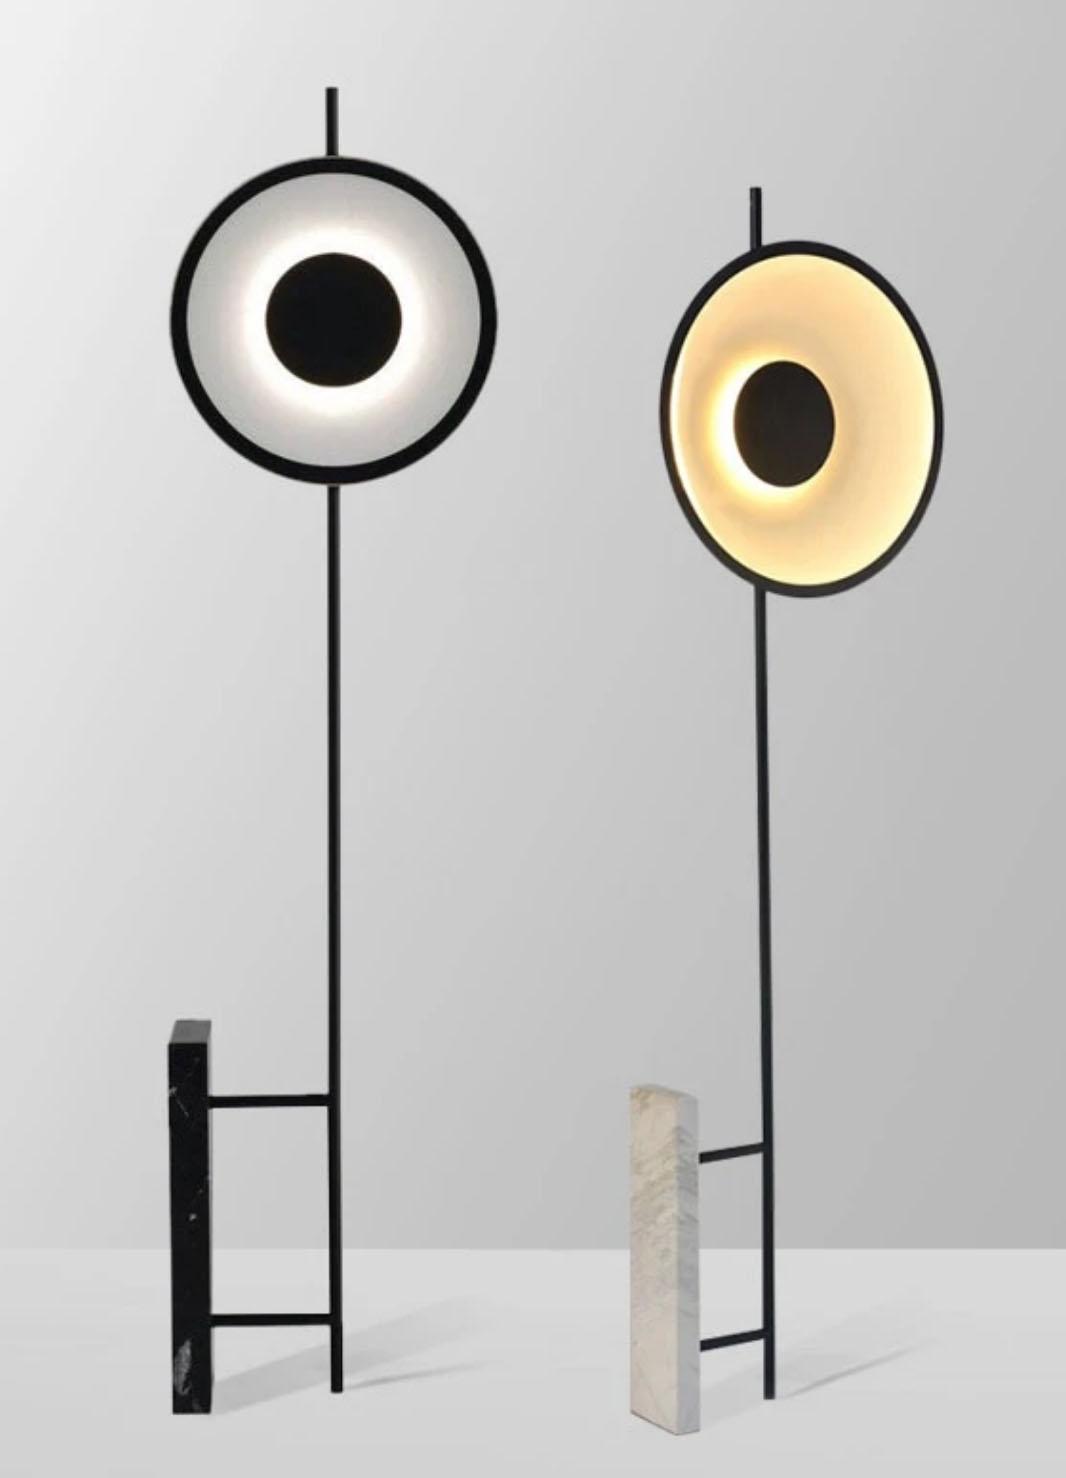 Eero White Floor Lamp